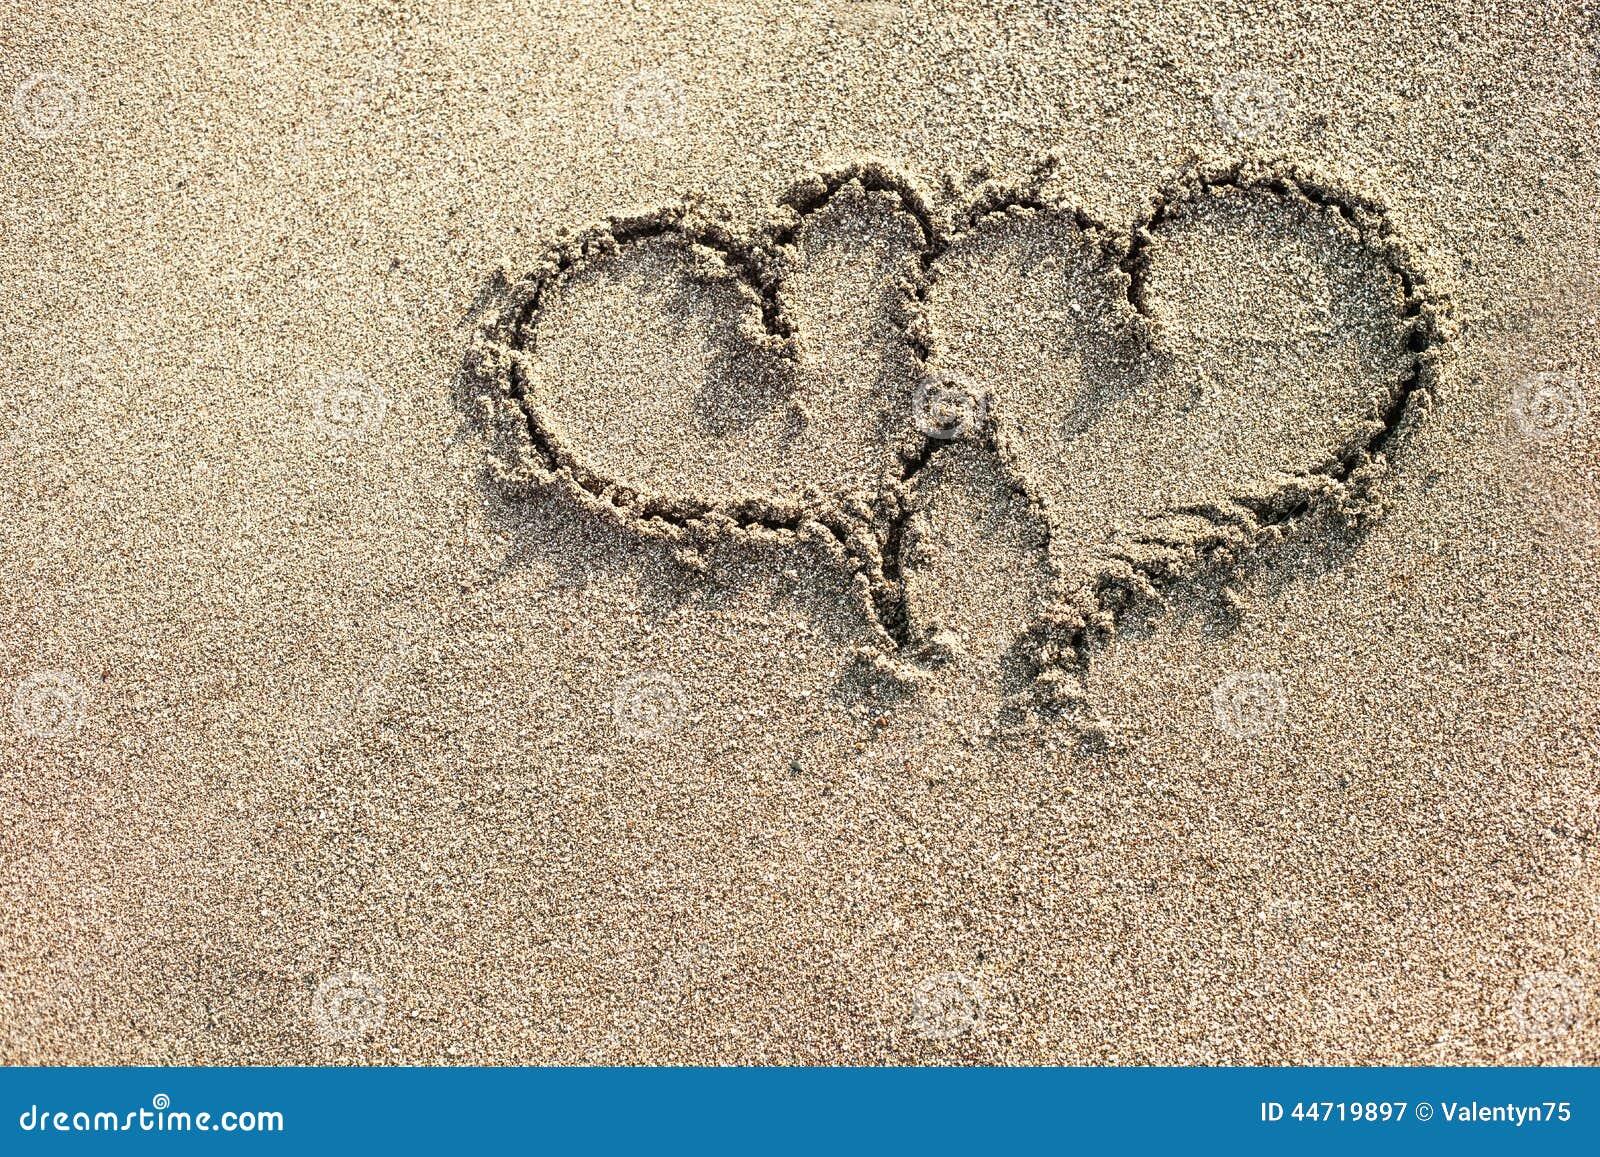 Amor Escrito En Arena: Dos Corazones Escritos En La Arena Imagen De Archivo